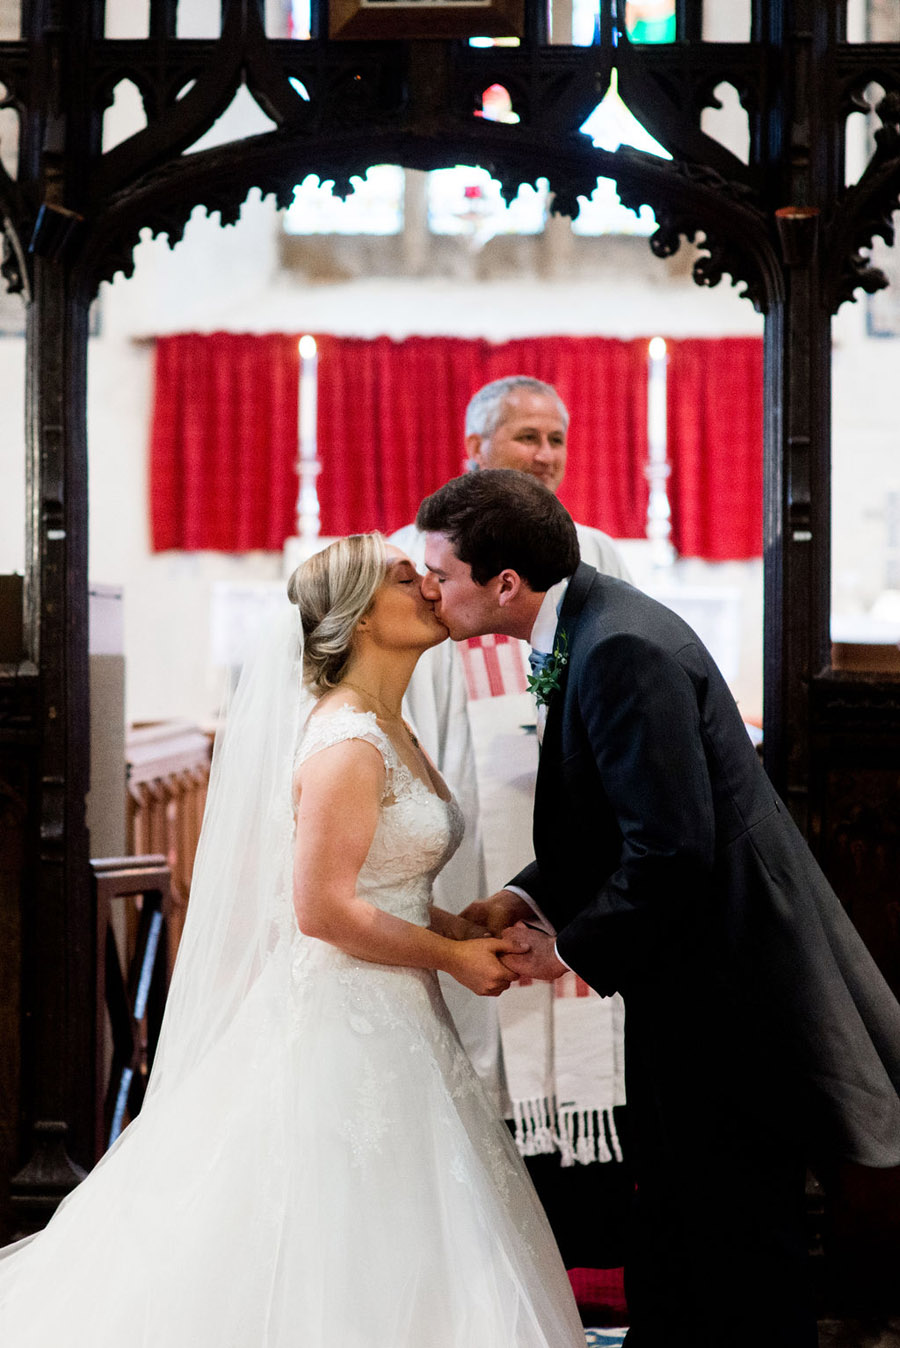 Chicheley Hall wedding by Nicola Norton Photography (17)